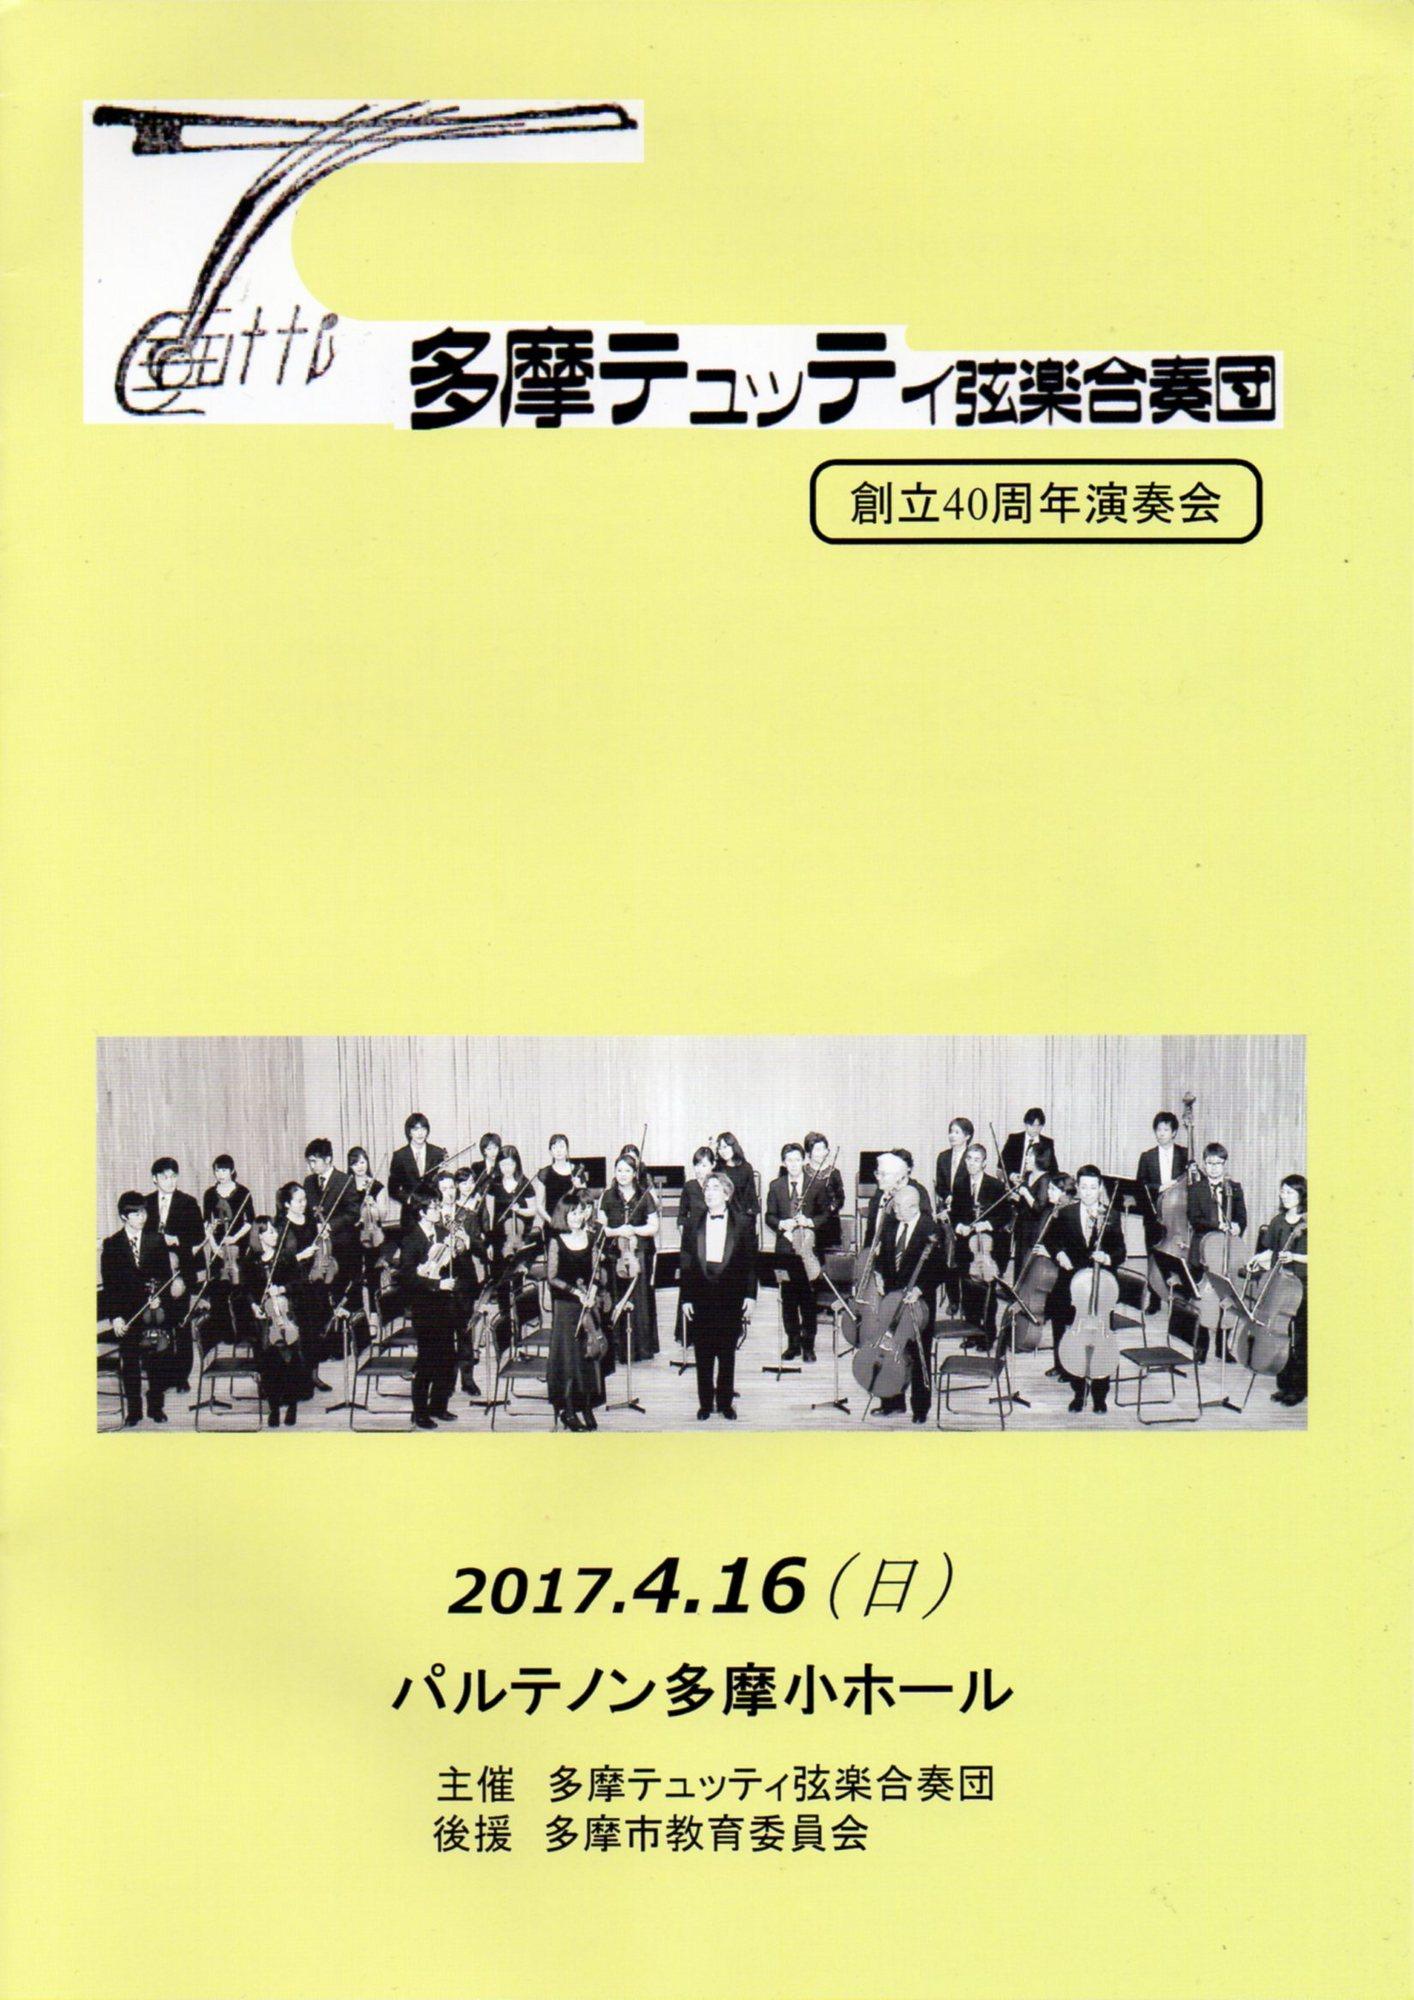 2017/04/16多摩テュッティ弦楽合奏団:プログラム表紙